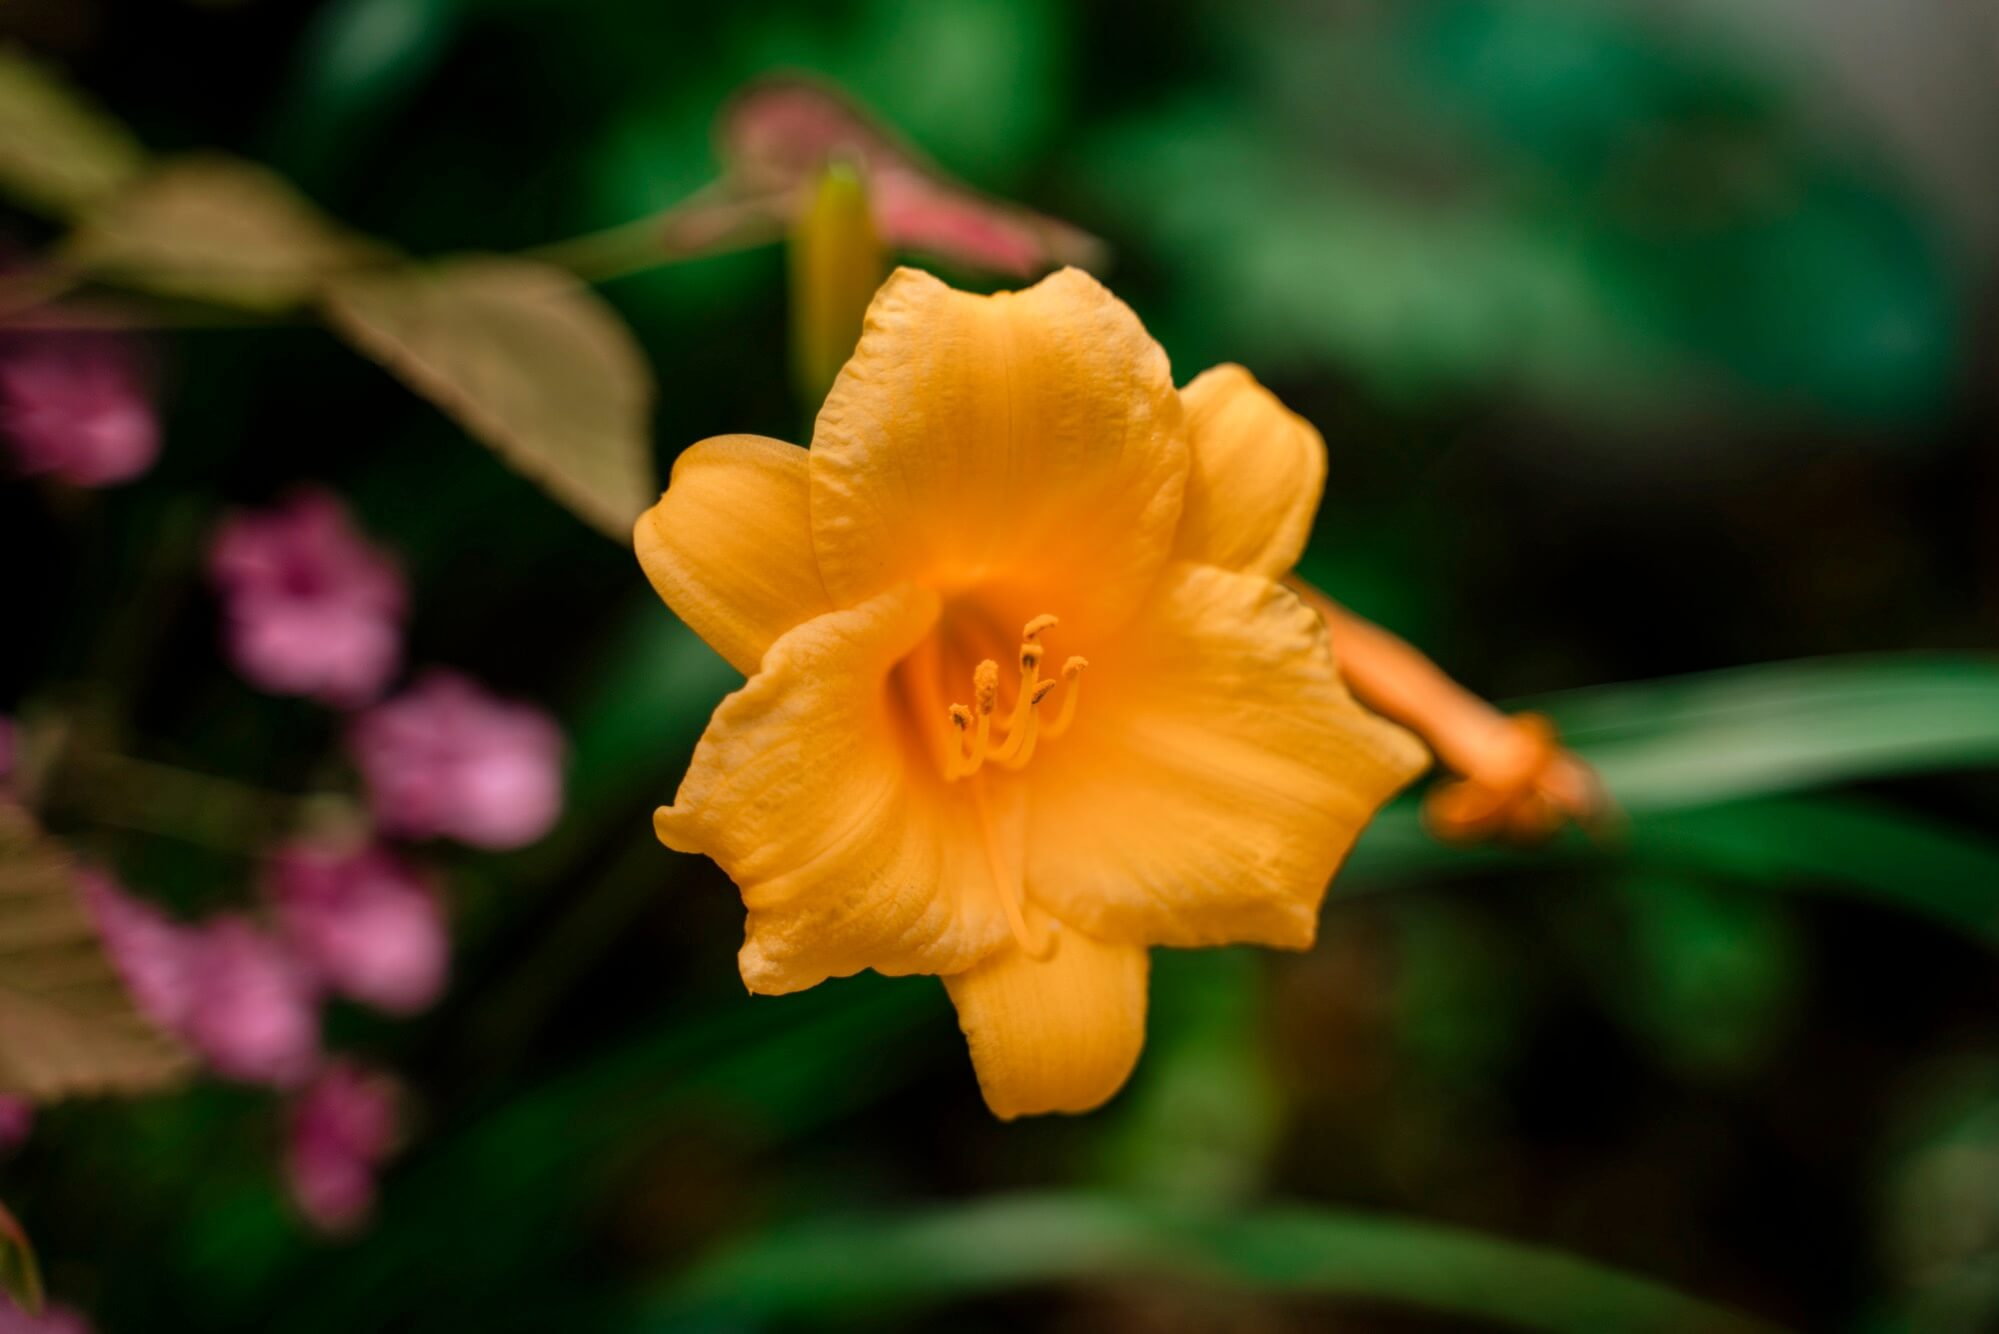 テレ端で撮影した花の写真